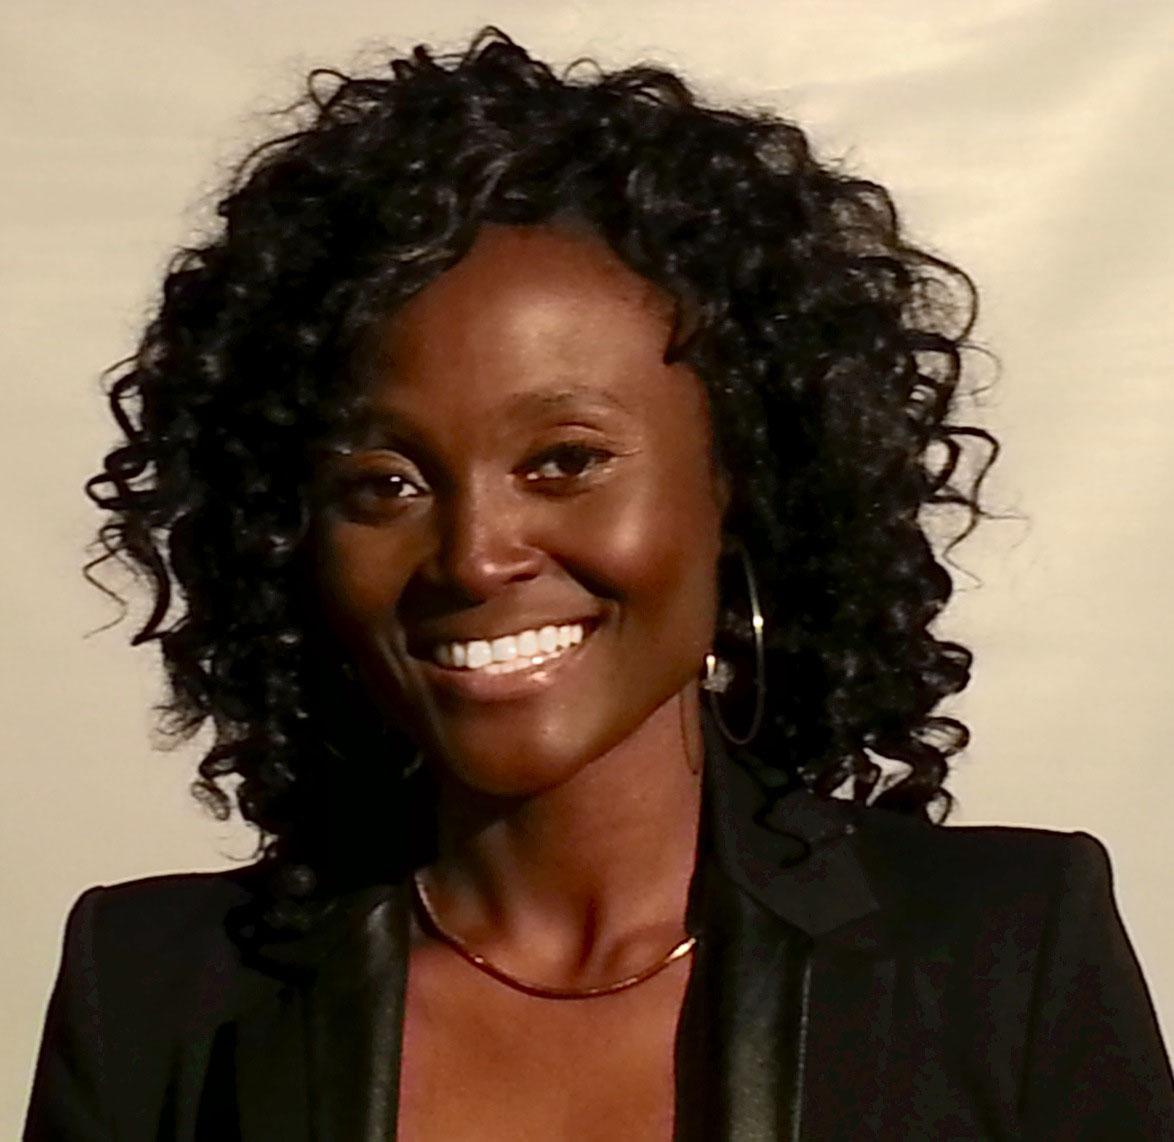 Oluwa-Tosin-Adegbola